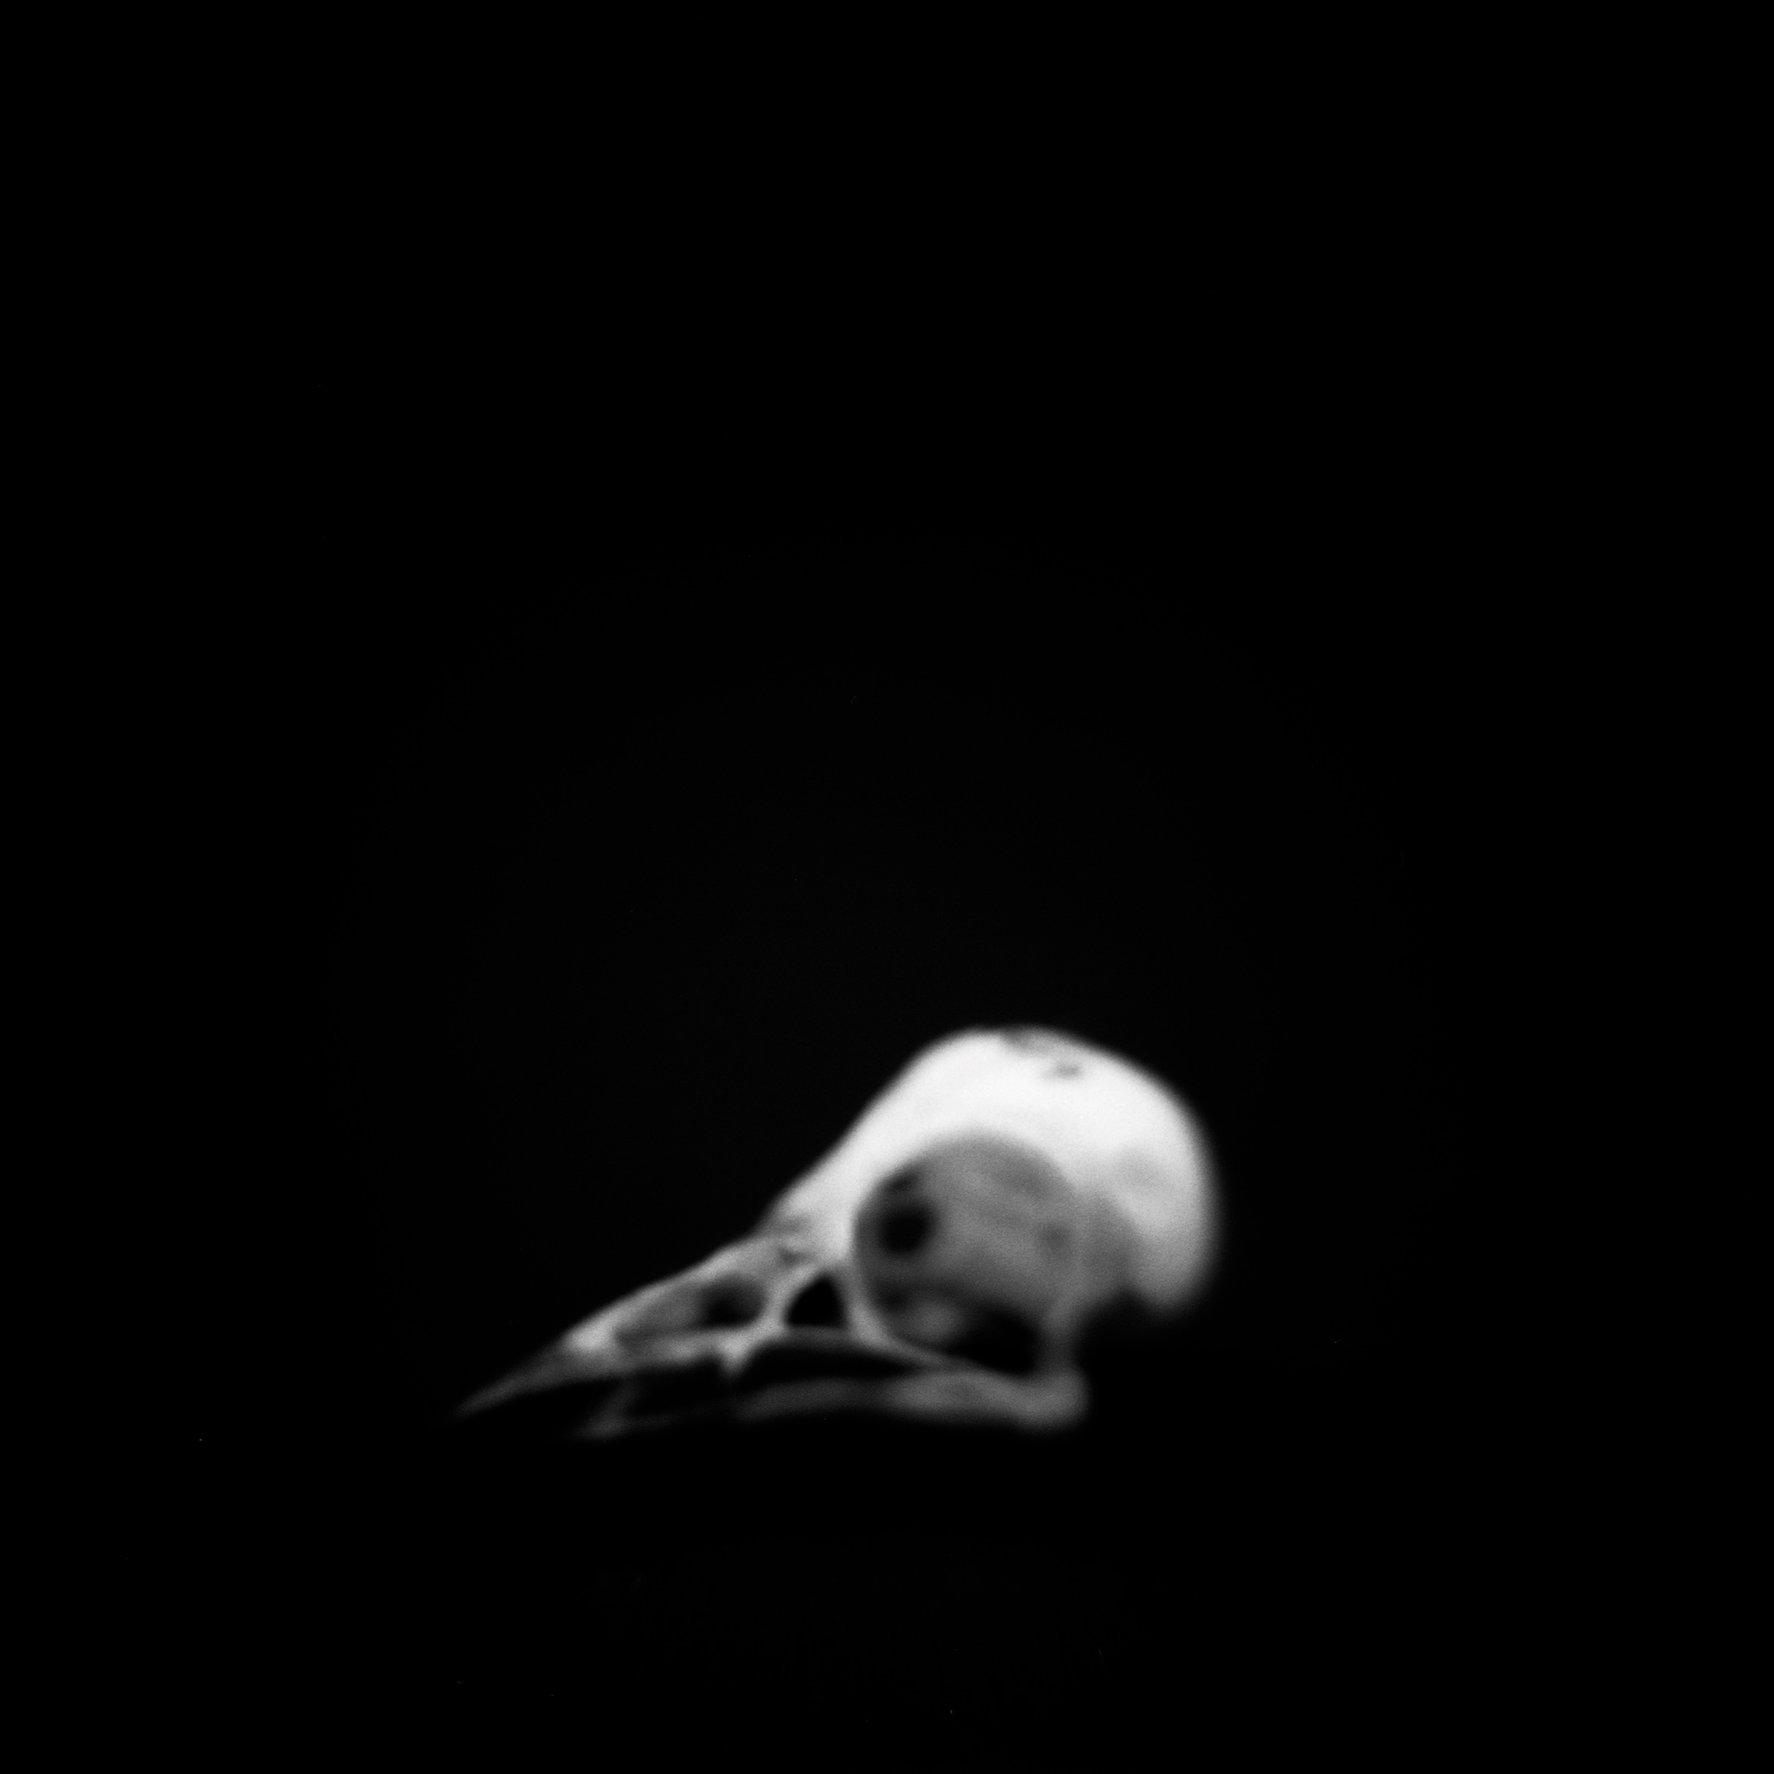 Skull, American Redstart (<i>Setophaga ruticilla</i>), Holga 120N, Ilford Delta Pro 100, 2015